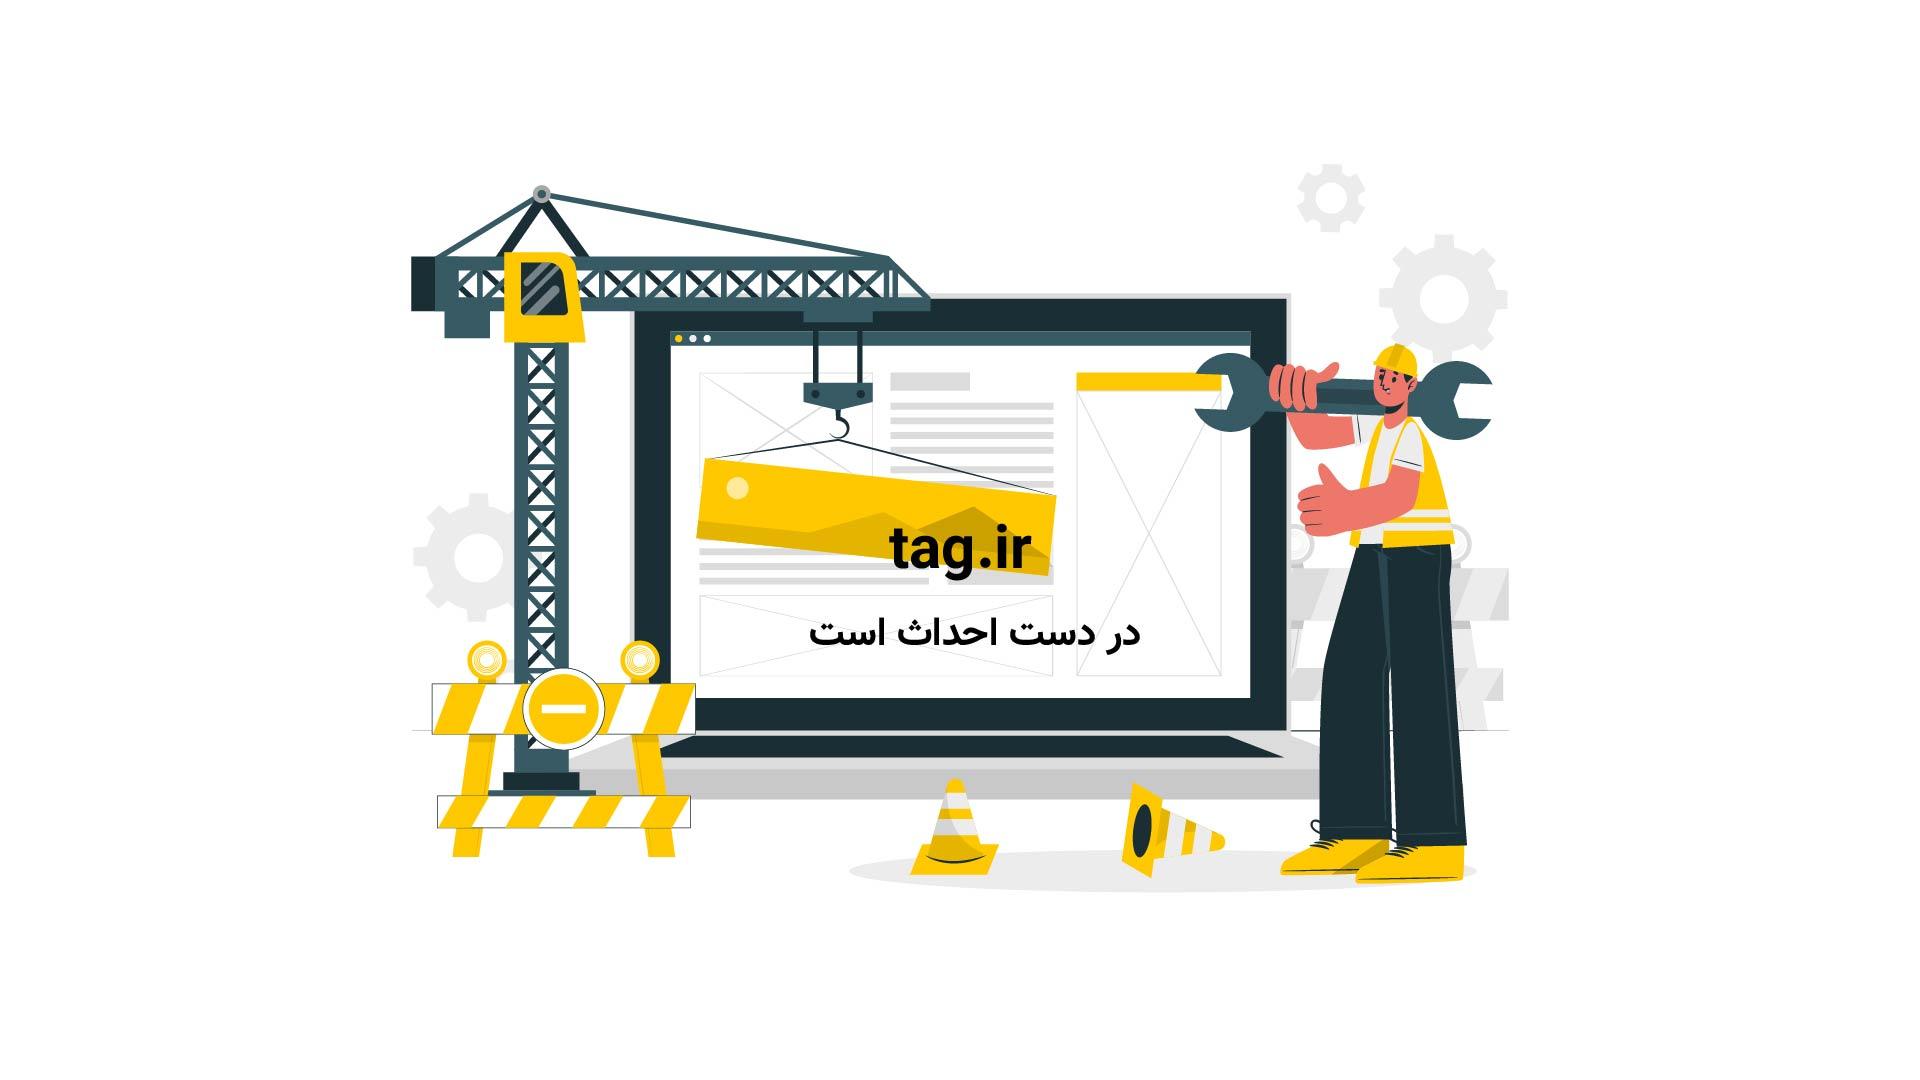 موفقیت دانشمند ایرانی در تولید صنعتی سوخت زیستی